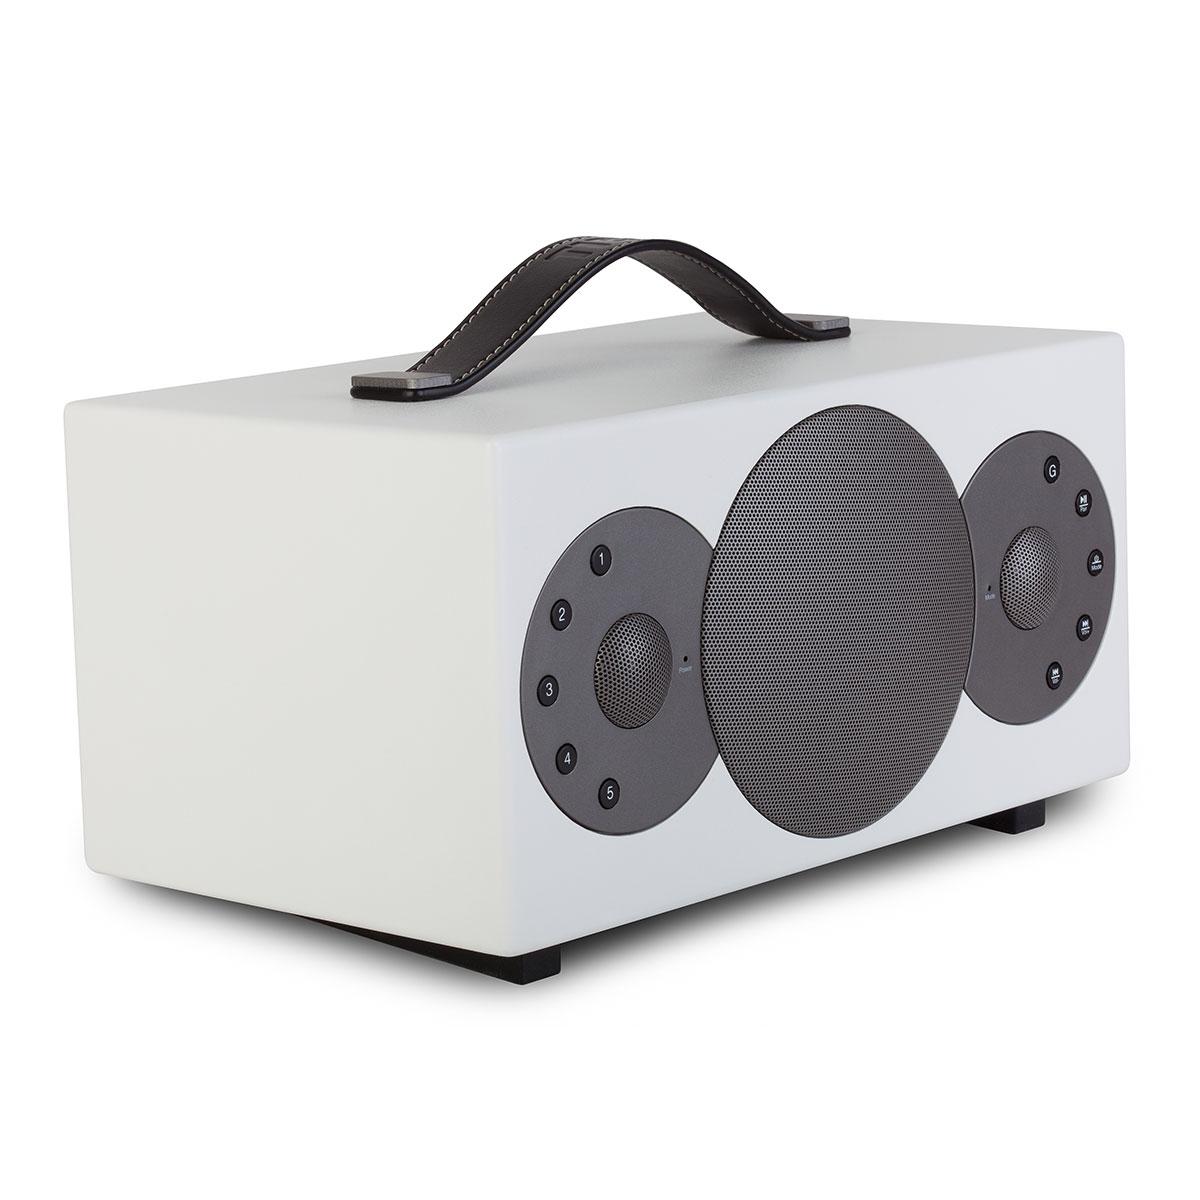 Billede af Tibo multiplay højtaler - Sphere 4 - Hvid